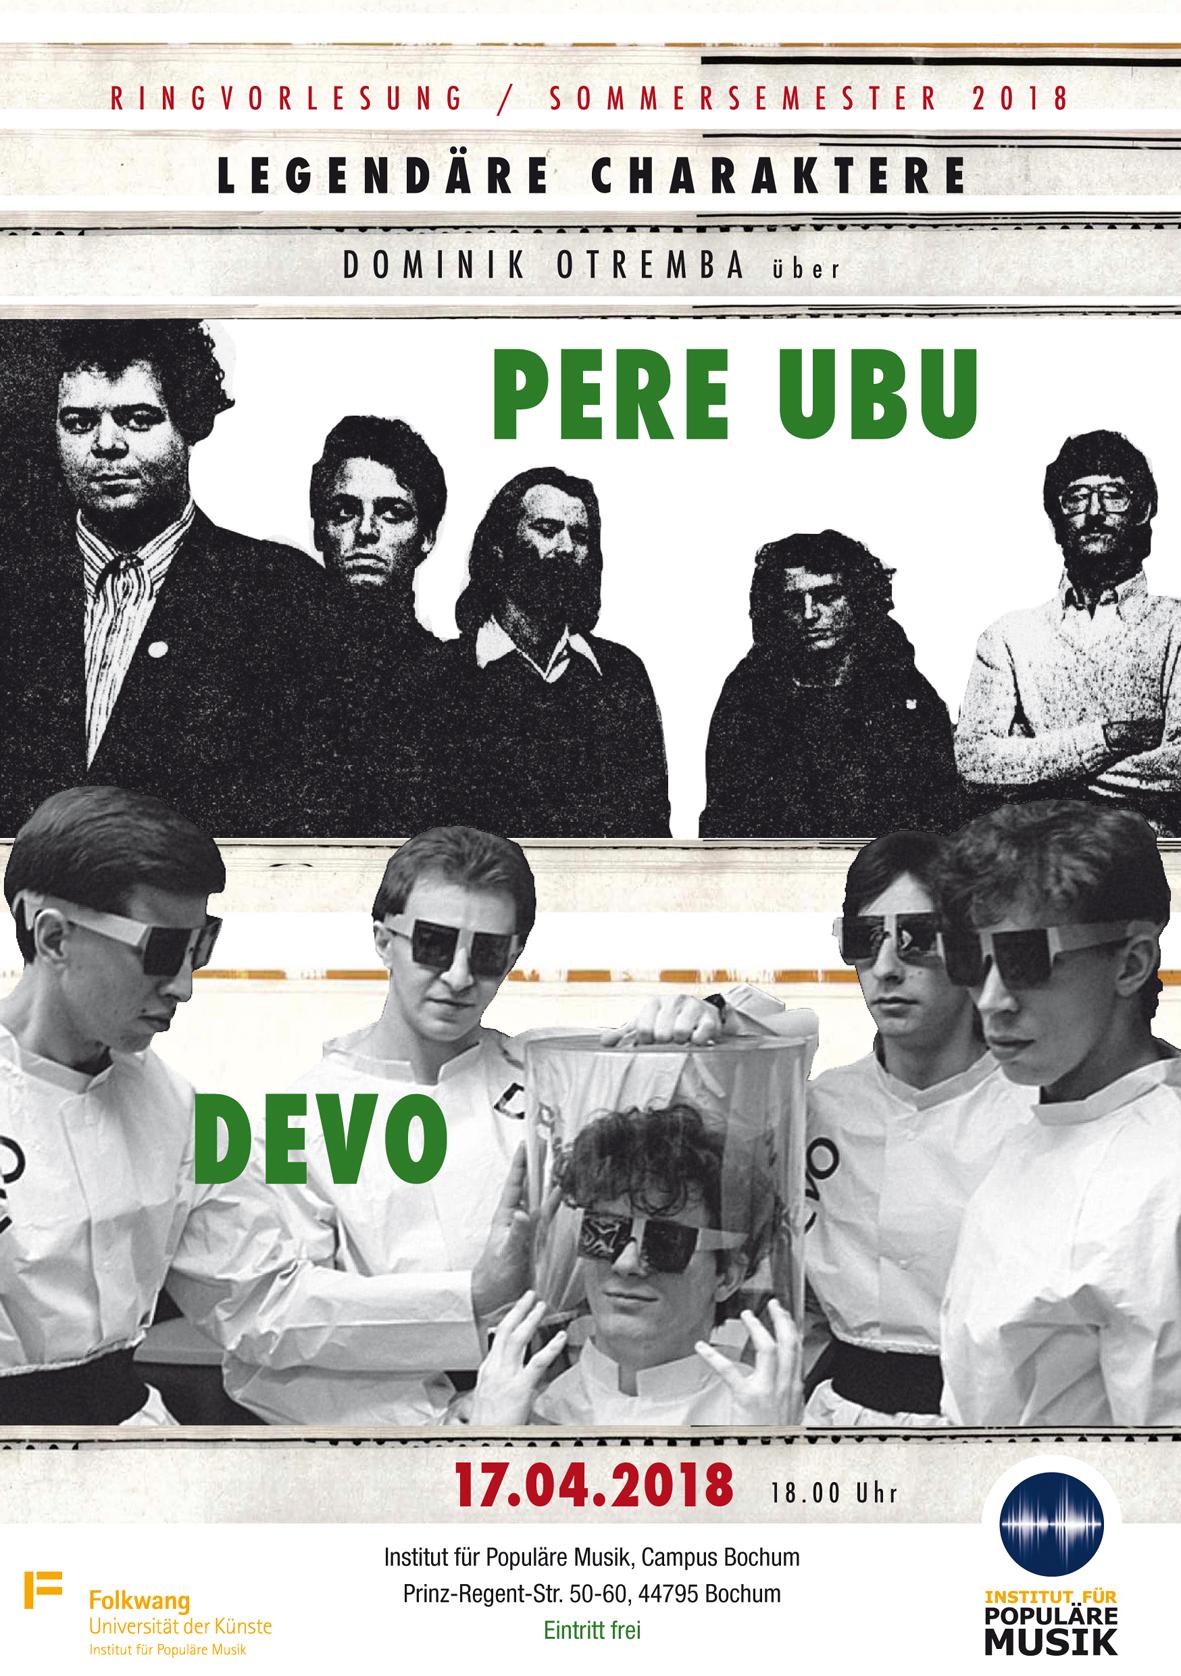 Dominik Otremba über Pere Ubu & Devo